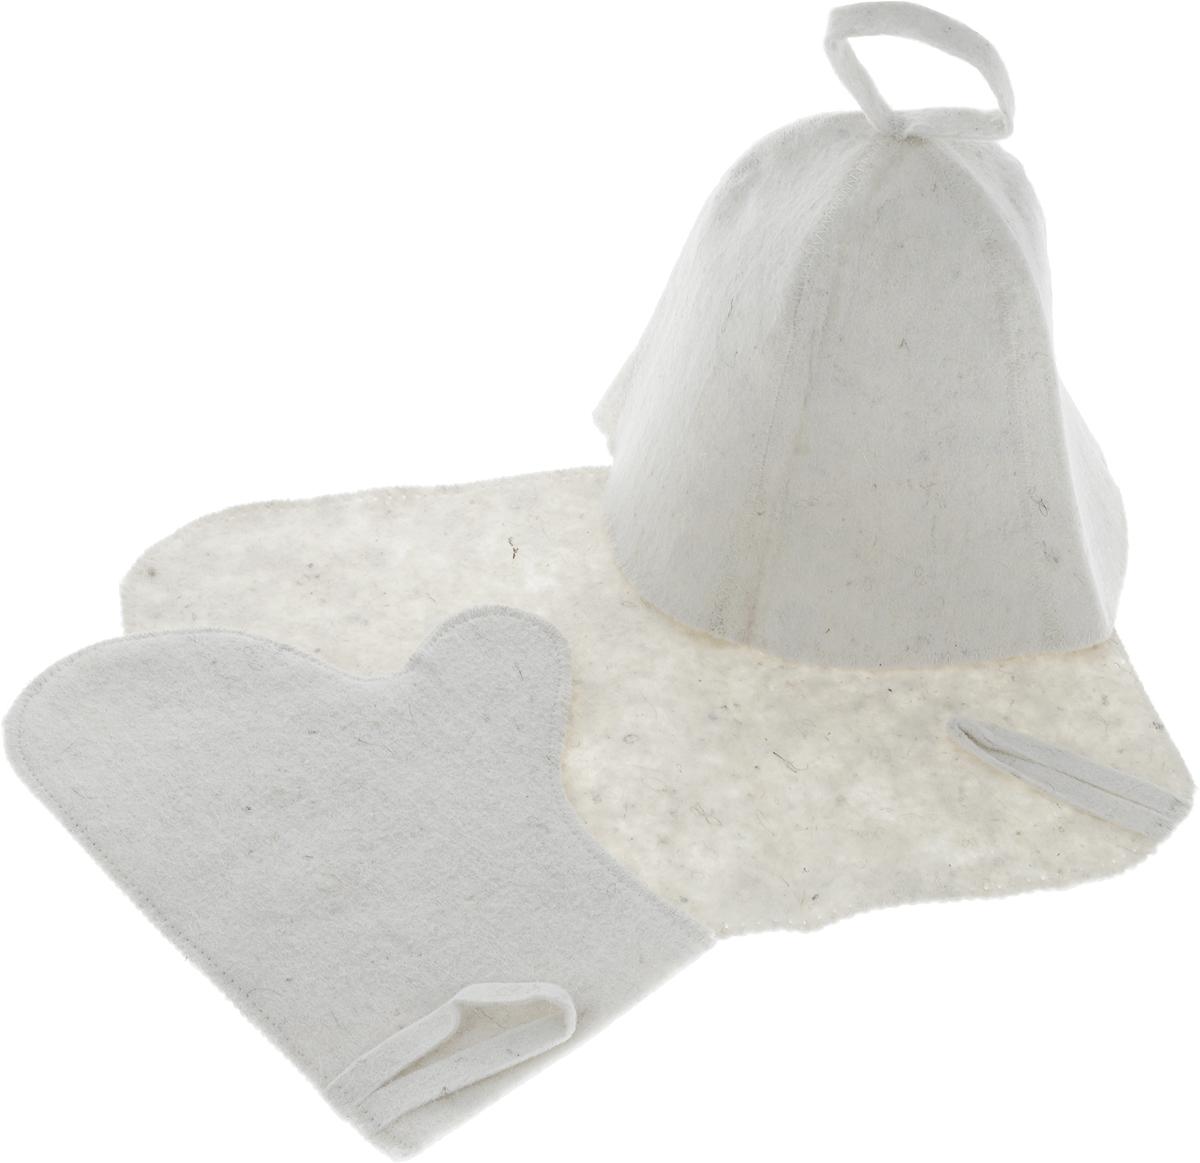 Набор для бани и сауны Proffi, 3 предметаAPS-4L-01Оригинальный набор для бани и сауны Proffi включает в себя шапку, рукавицу и коврик. Изделия выполнены из войлока. Шапка, рукавица и коврик - это незаменимые аксессуары для любителей попариться в русской бане и для тех, кто предпочитает сухой жар финской бани. Шапка защитит волосы от сухости и ломкости, голову от перегрева и предотвратит появление головокружения. Рукавица обезопасит ваши руки от появления ожогов, а коврик - от высоких температур при контакте с горячей лавкой в парилке. На изделиях имеются петельки, с помощью которых их можно повесить на крючок в предбаннике.Такой набор станет отличным подарком для любителей отдыха в бане или сауне. Размер коврика: 40 х 30 см. Размер шапки: 23 х 23 х 24 см. Размер рукавицы: 28 х 22 см.